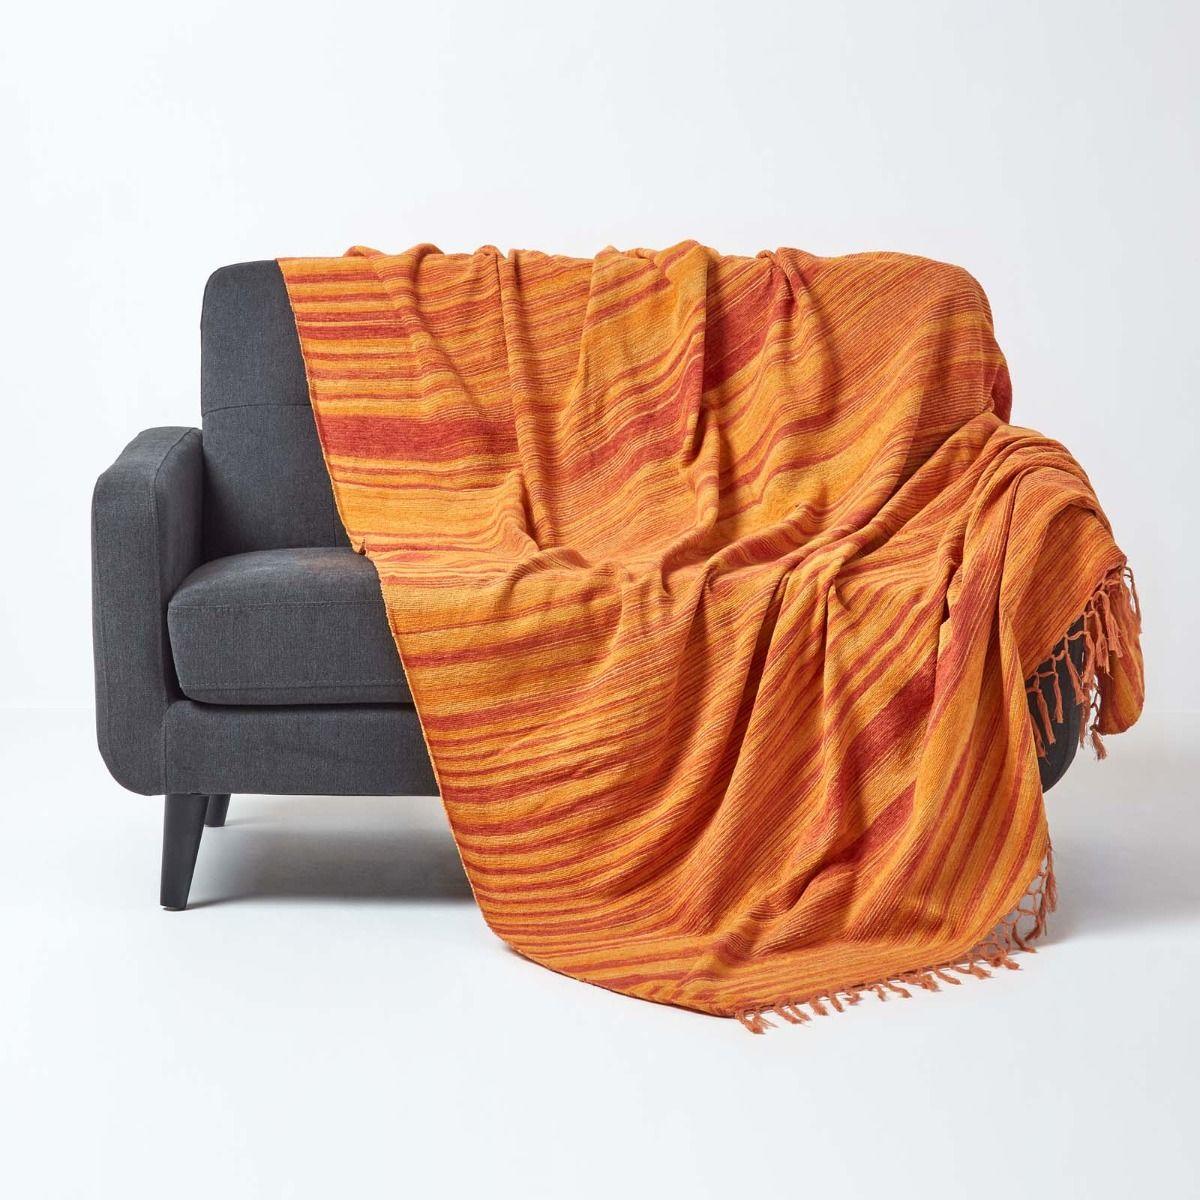 Full Size of überwurf Sofa Gestreifter Bett Berwurf Chenille Garngefrbt Orange Rotes Reinigen Aus Matratzen Esstisch Rolf Benz Heimkino Breit Schlaffunktion Big Mit U Form Sofa überwurf Sofa